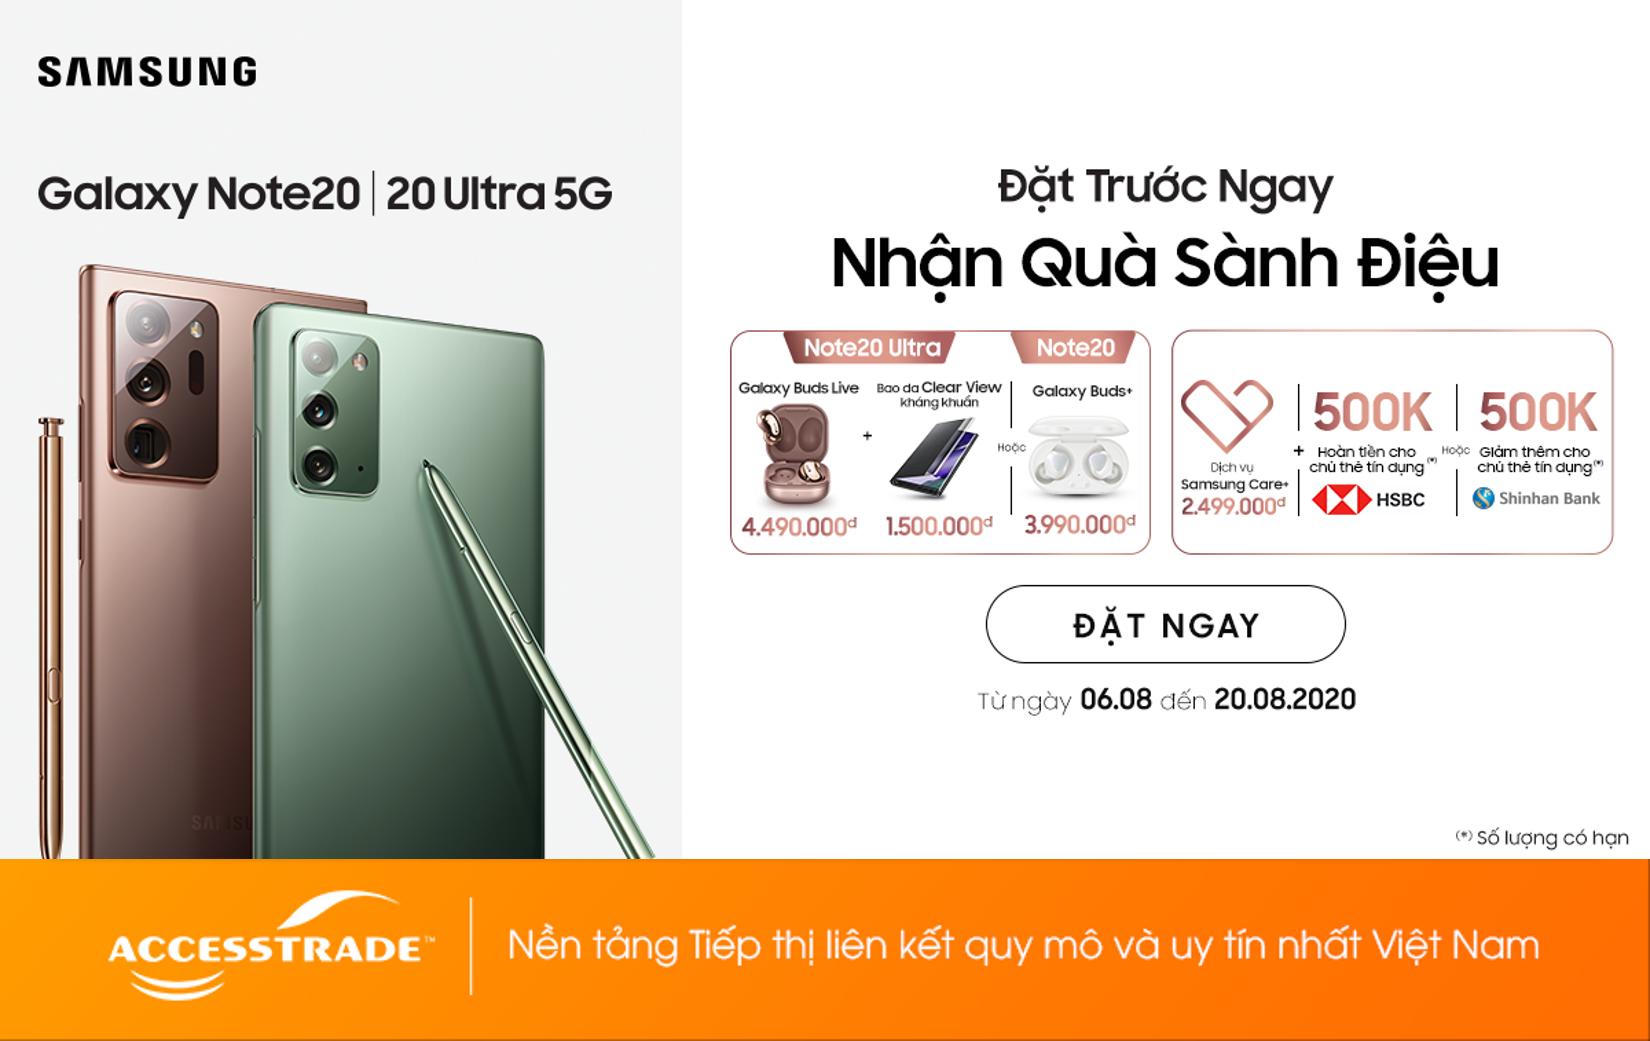 Đặt trước Galaxy Note20 | 20 Ultra 5G nhận liền tay bộ quà đẳng cấp trị giá 6.000.000đ++